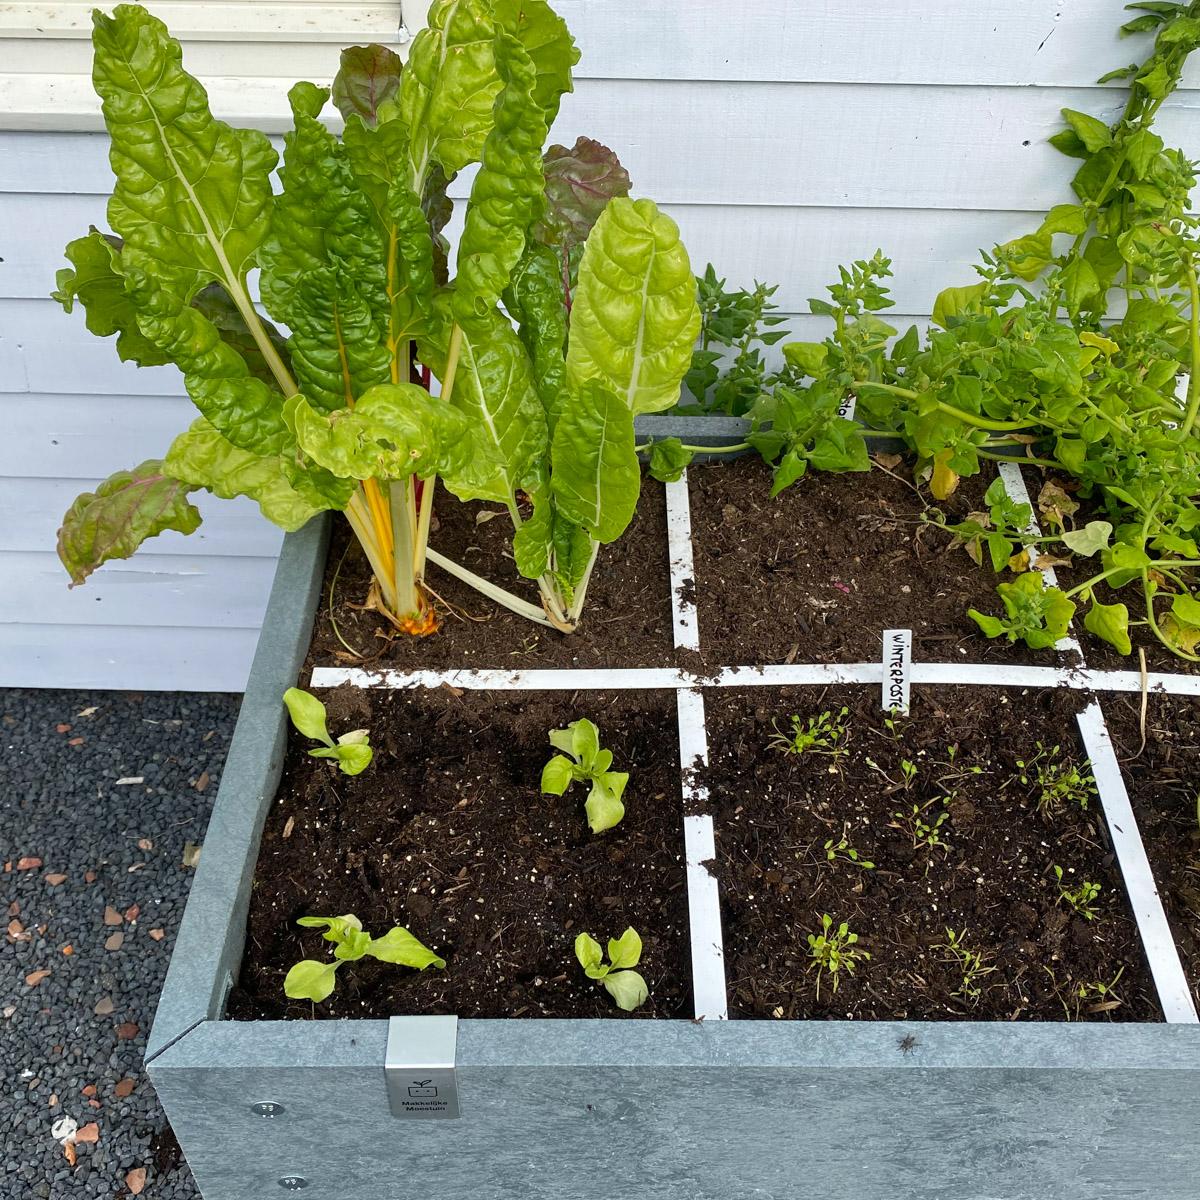 blog-1-sept-2021-tour-of-the-planty-garden20.jpg